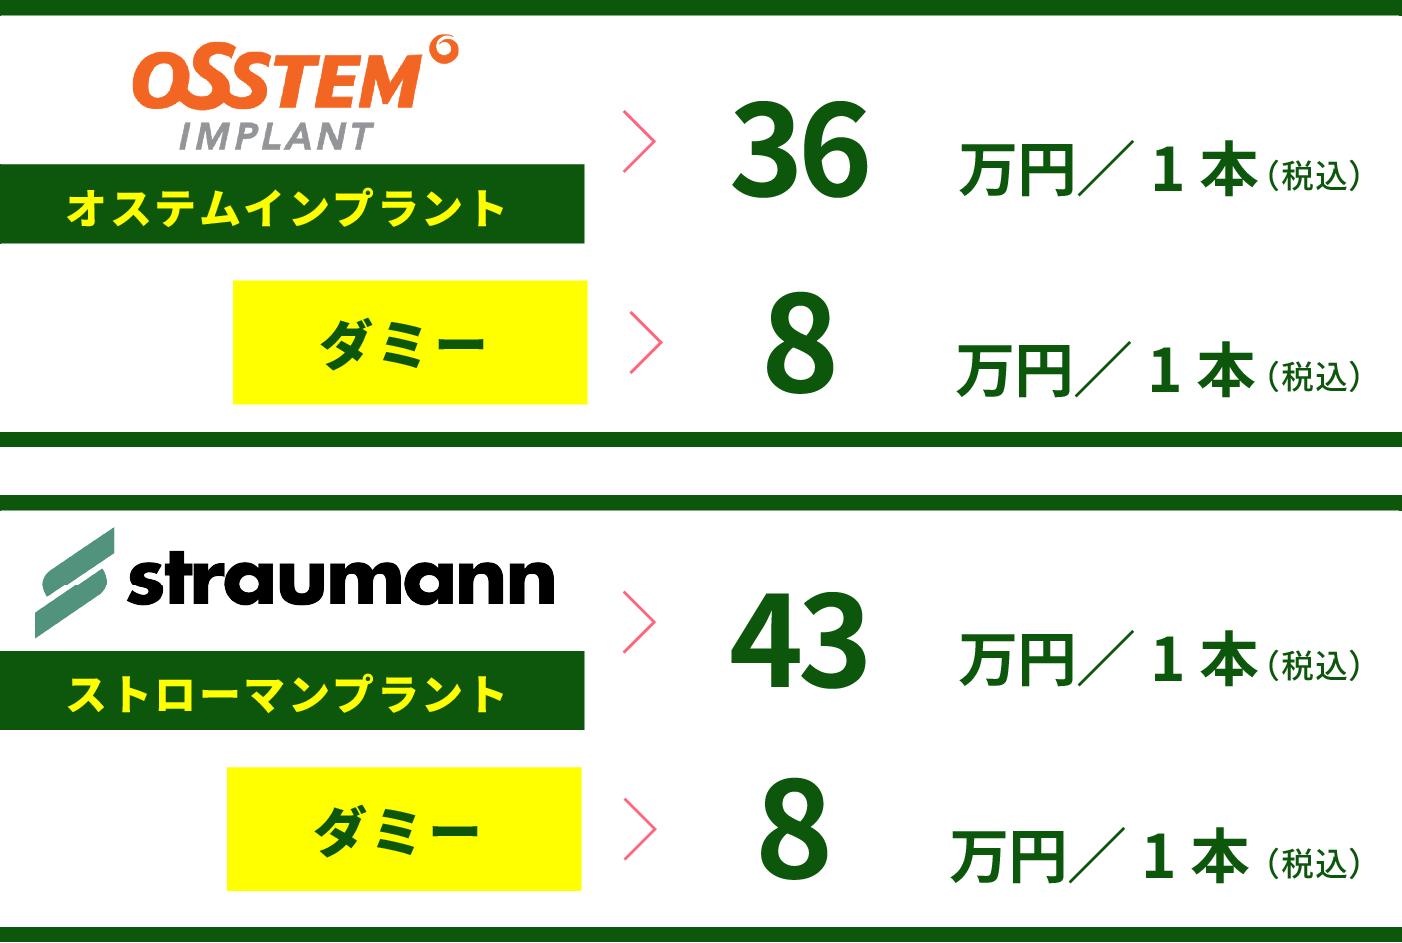 SP-セラミック-ダミー費用